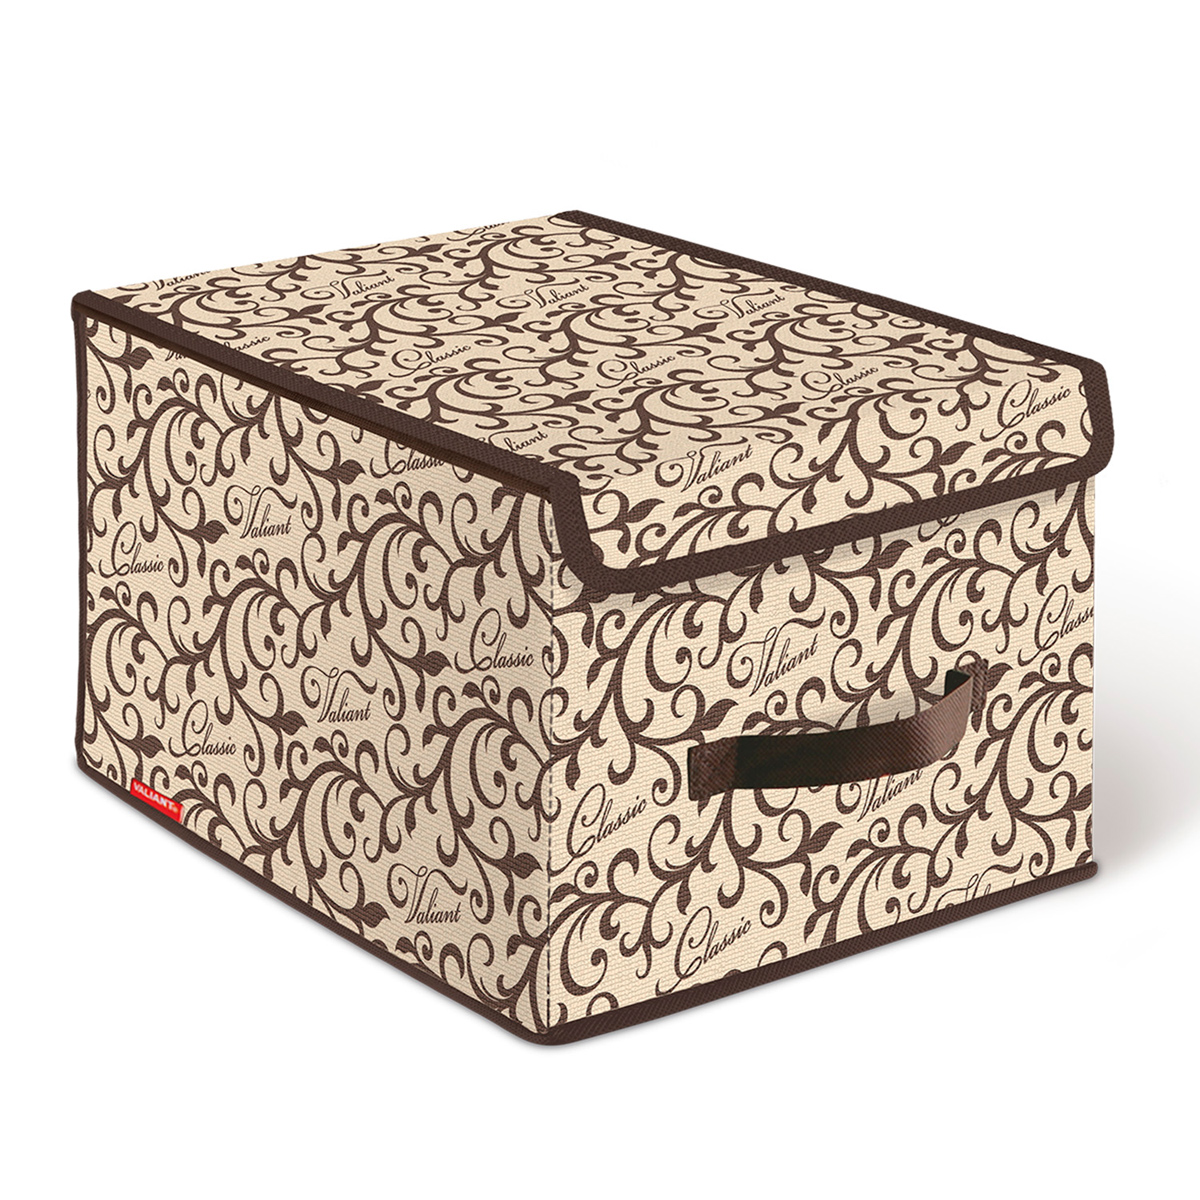 Короб стеллажный Valiant Classic, с крышкой, 30 х 40 х 25 смCL-BOX-LMСтеллажный короб Valiant Classic изготовлен из высококачественного нетканого материала, который обеспечивает естественную вентиляцию, позволяя воздуху проникать внутрь, но не пропускает пыль. Вставки из плотного картона хорошо держат форму. Короб снабжен специальной крышкой, которая фиксируется с помощью липучек. Изделие отличается мобильностью: легко раскладывается и складывается. В таком коробе удобно хранить одежду, белье и мелкие аксессуары.Оригинальный дизайн Classic погружает в романтическую атмосферу. Система хранения в едином дизайне станет стильным акцентом в современном гардеробе.